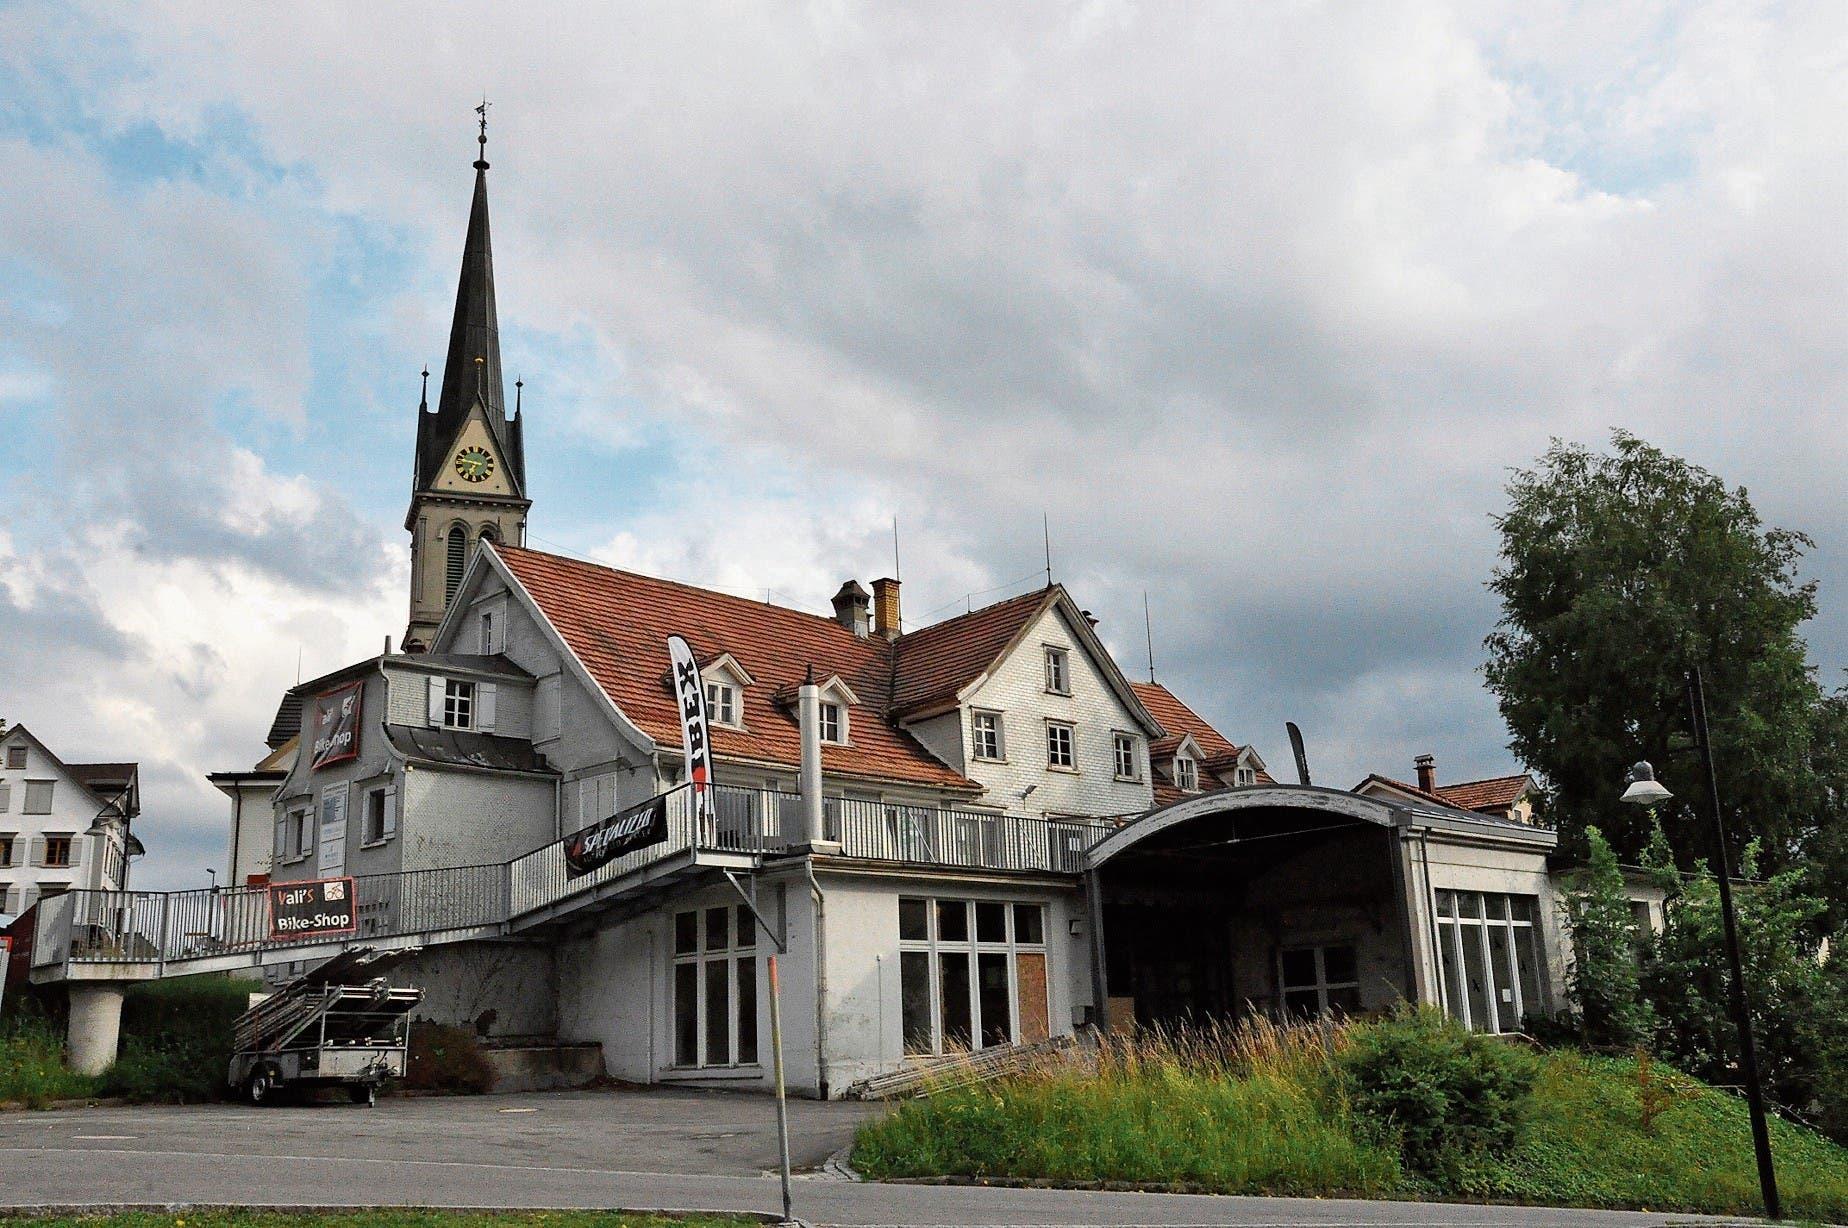 Migg Eberle übernimmt für das Hotel und Restaurant das Projekt des bewilligten Mehrgenerationenhauses an der Kirchstrasse 2. (Bild: SAB)